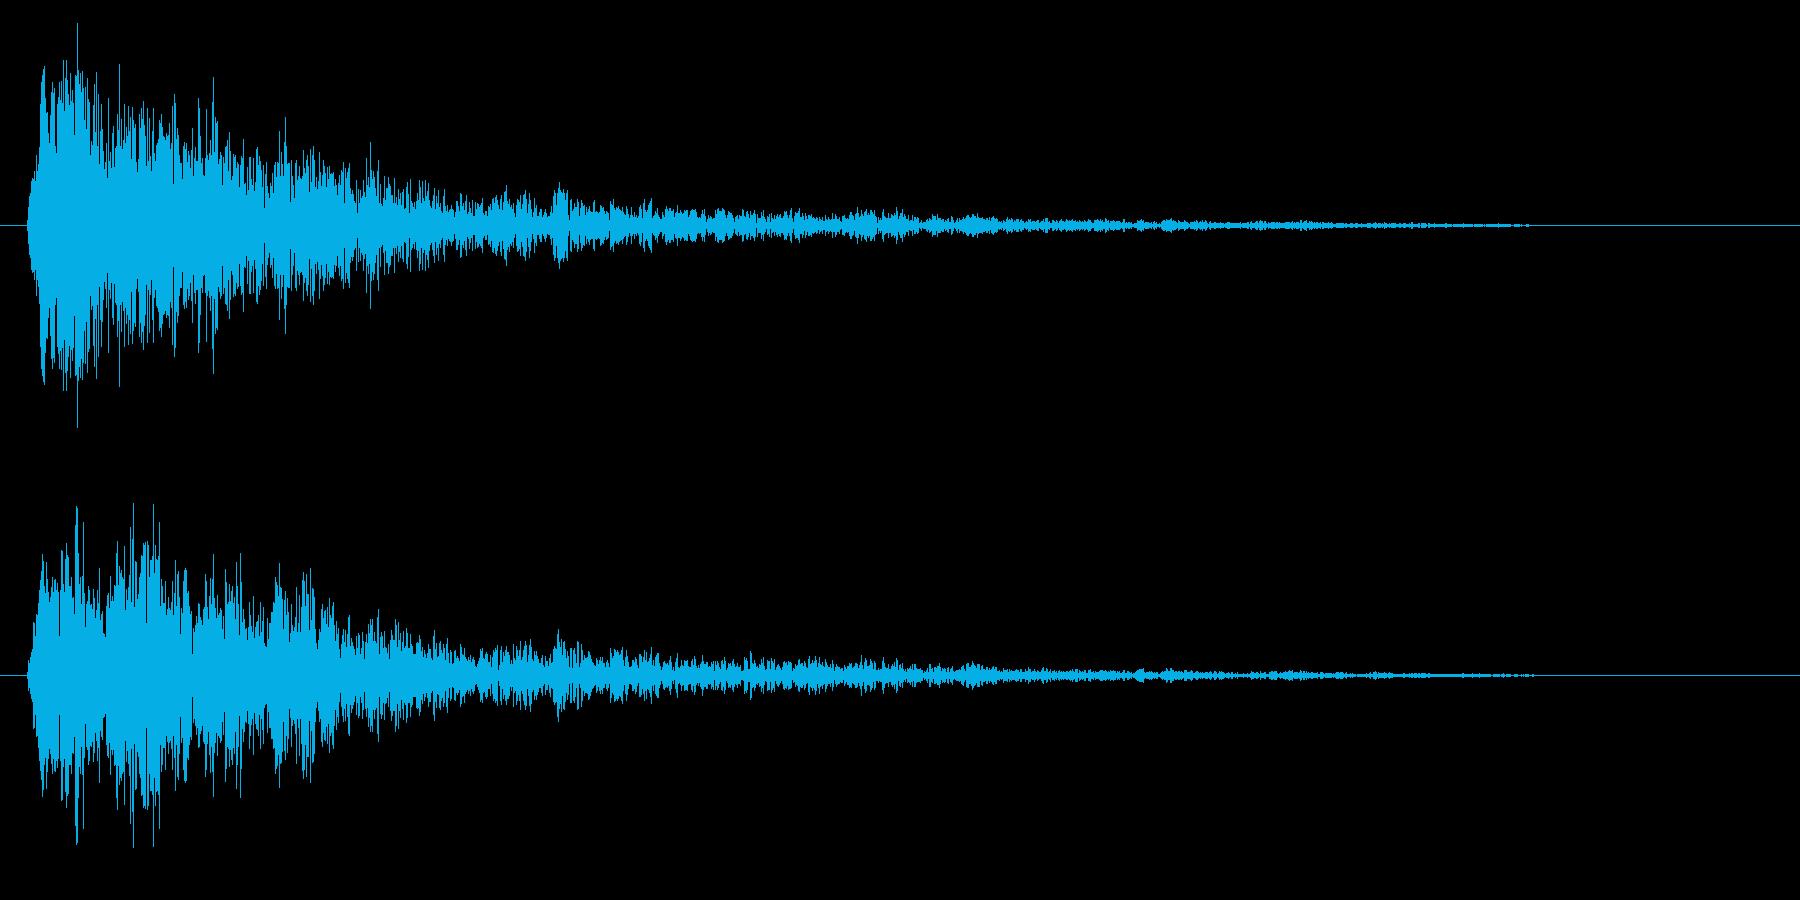 チュイーン(金属的で、重なっている音)の再生済みの波形